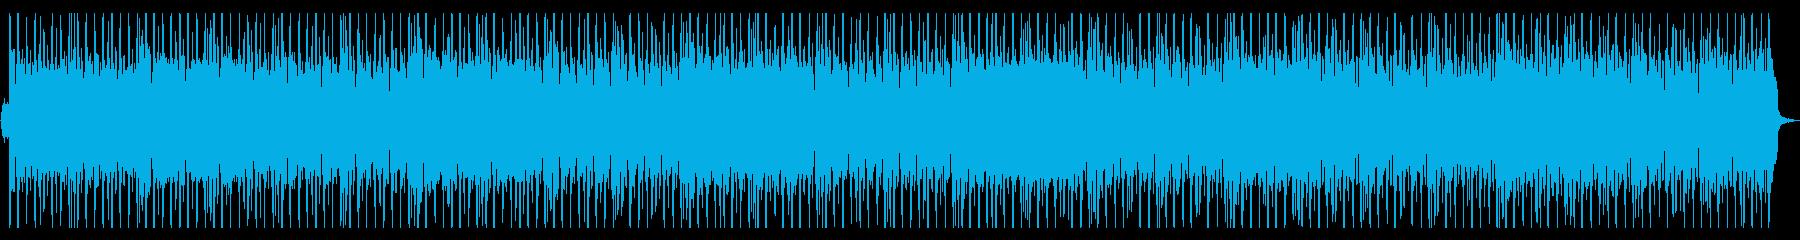 やさしいフルートの切ないポップスビート1の再生済みの波形